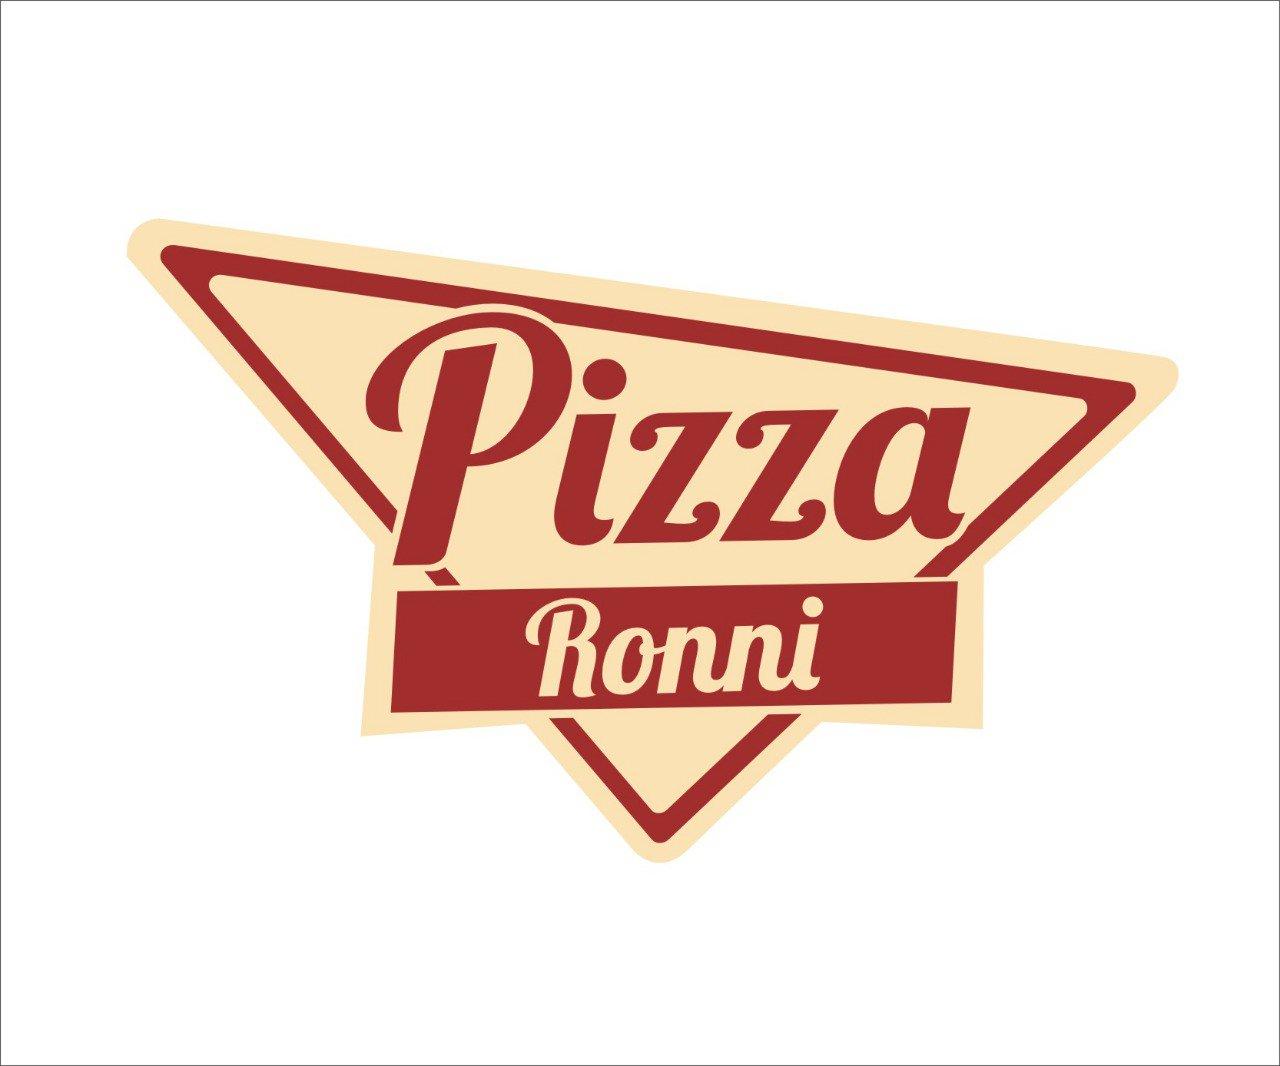 Pizza Ronni